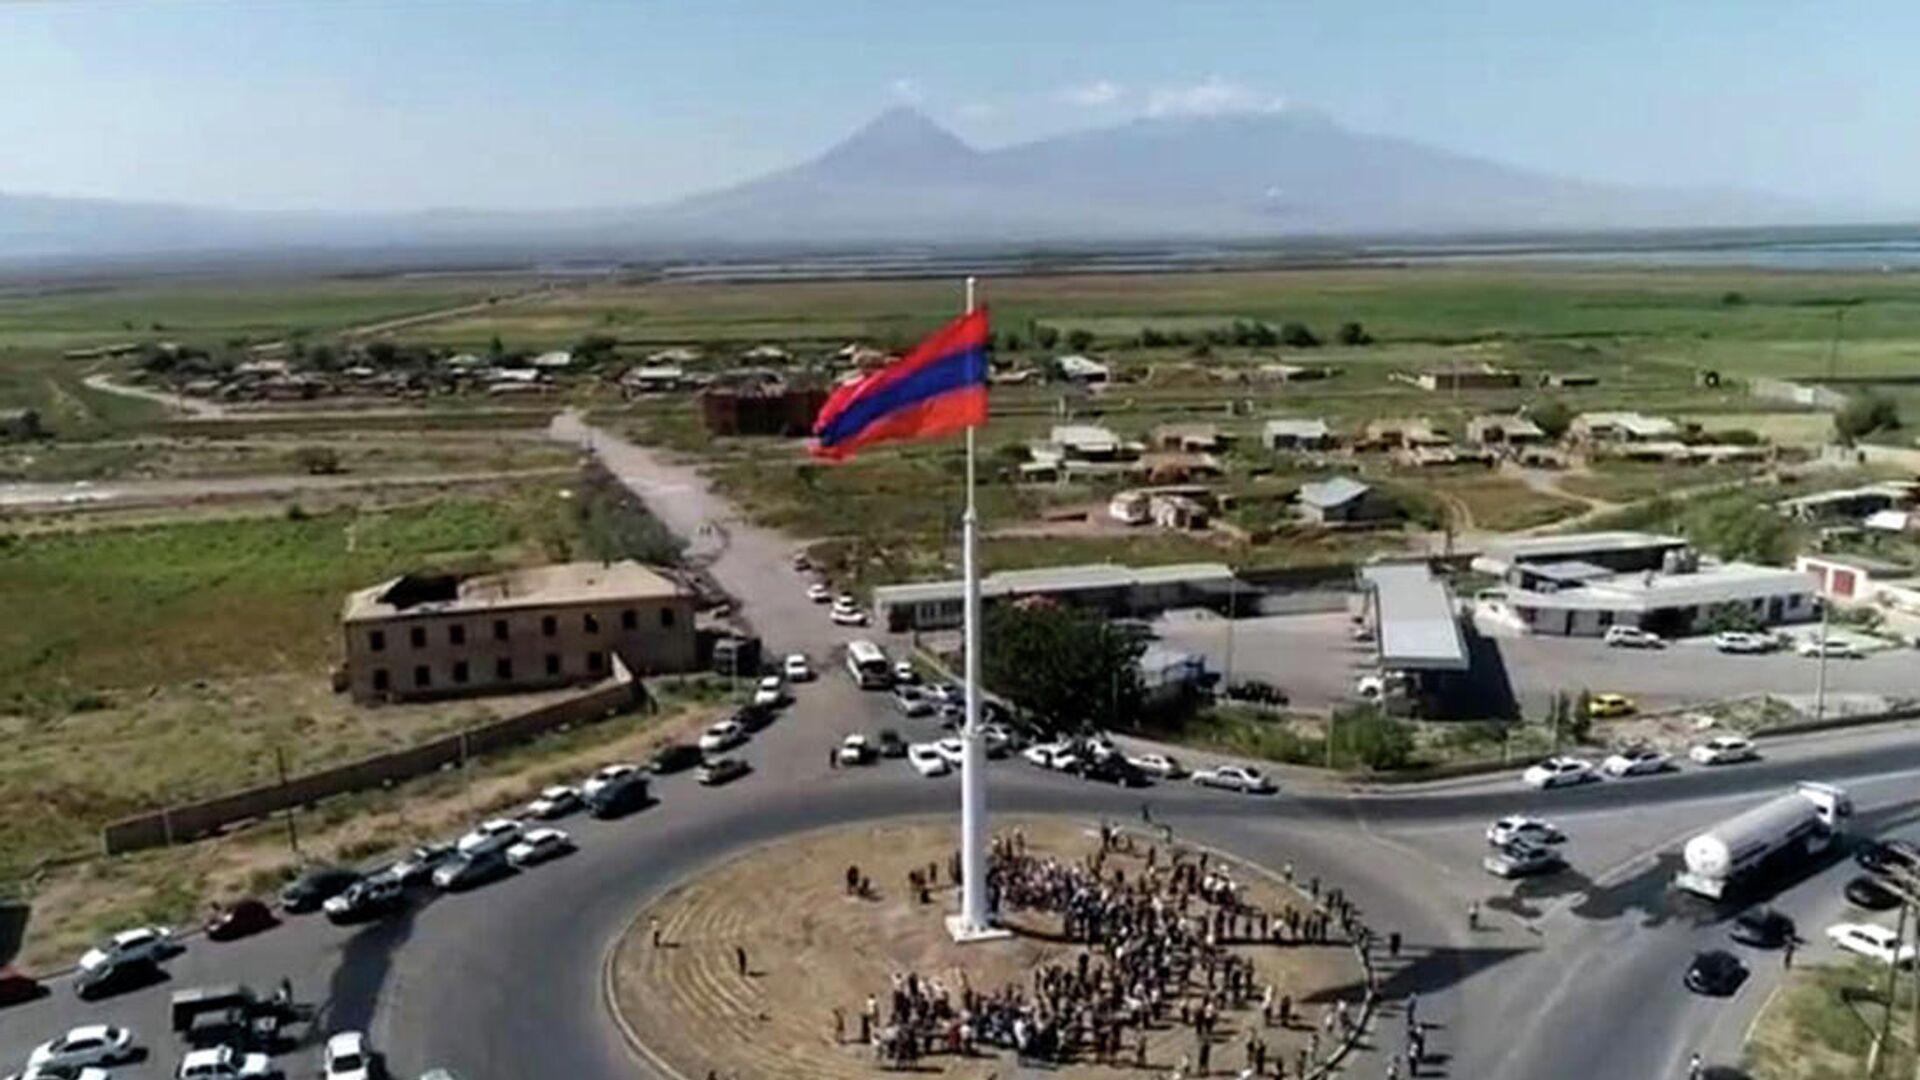 Երասխում բարձրացվել է Հայաստանի ամենամեծ եռագույնը - Sputnik Արմենիա, 1920, 21.09.2021